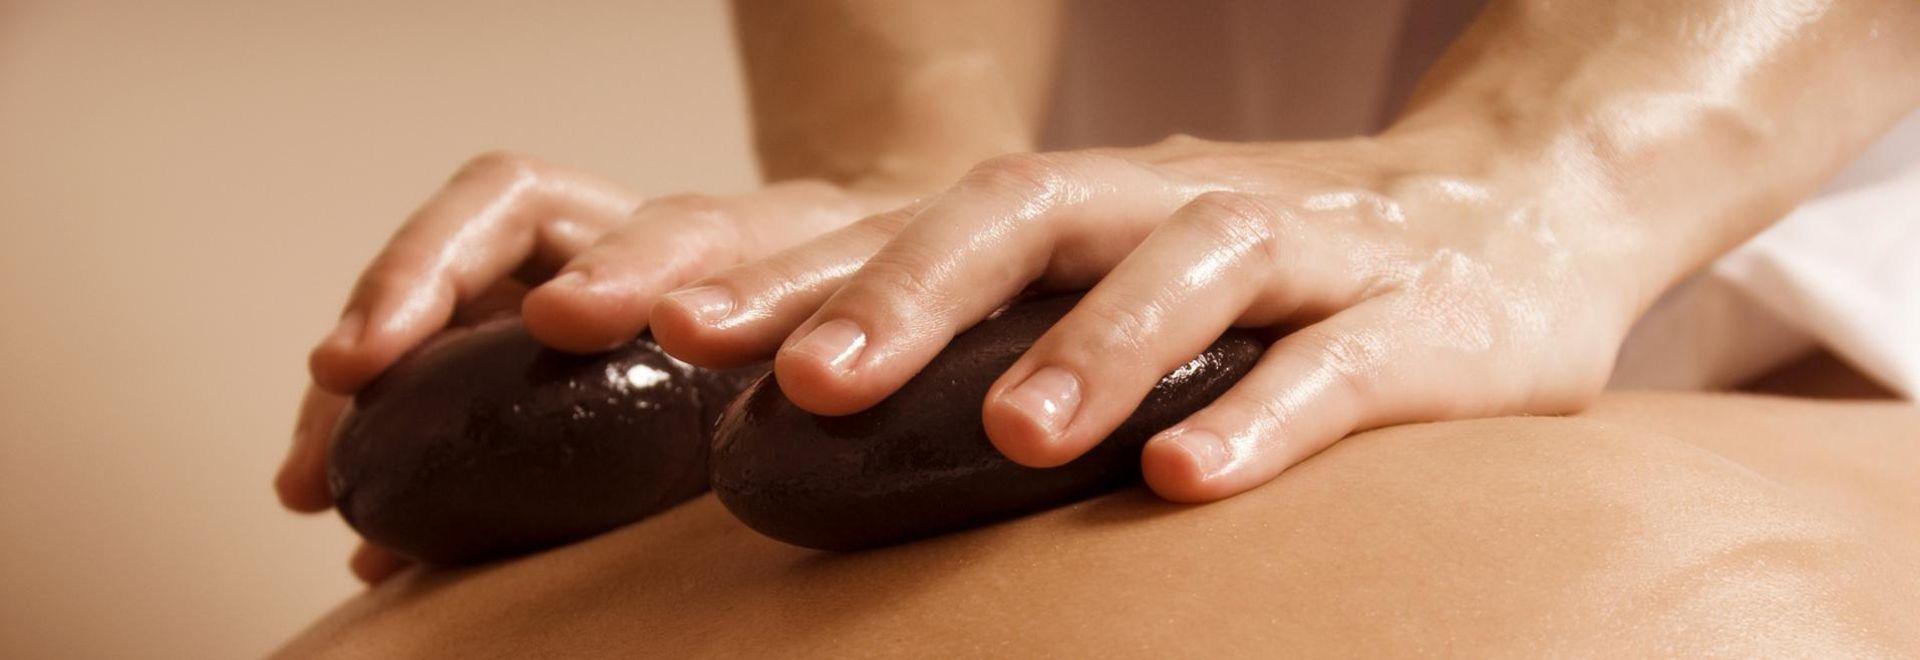 fließende Massageabläufe mit den warmen Steinen erlernen